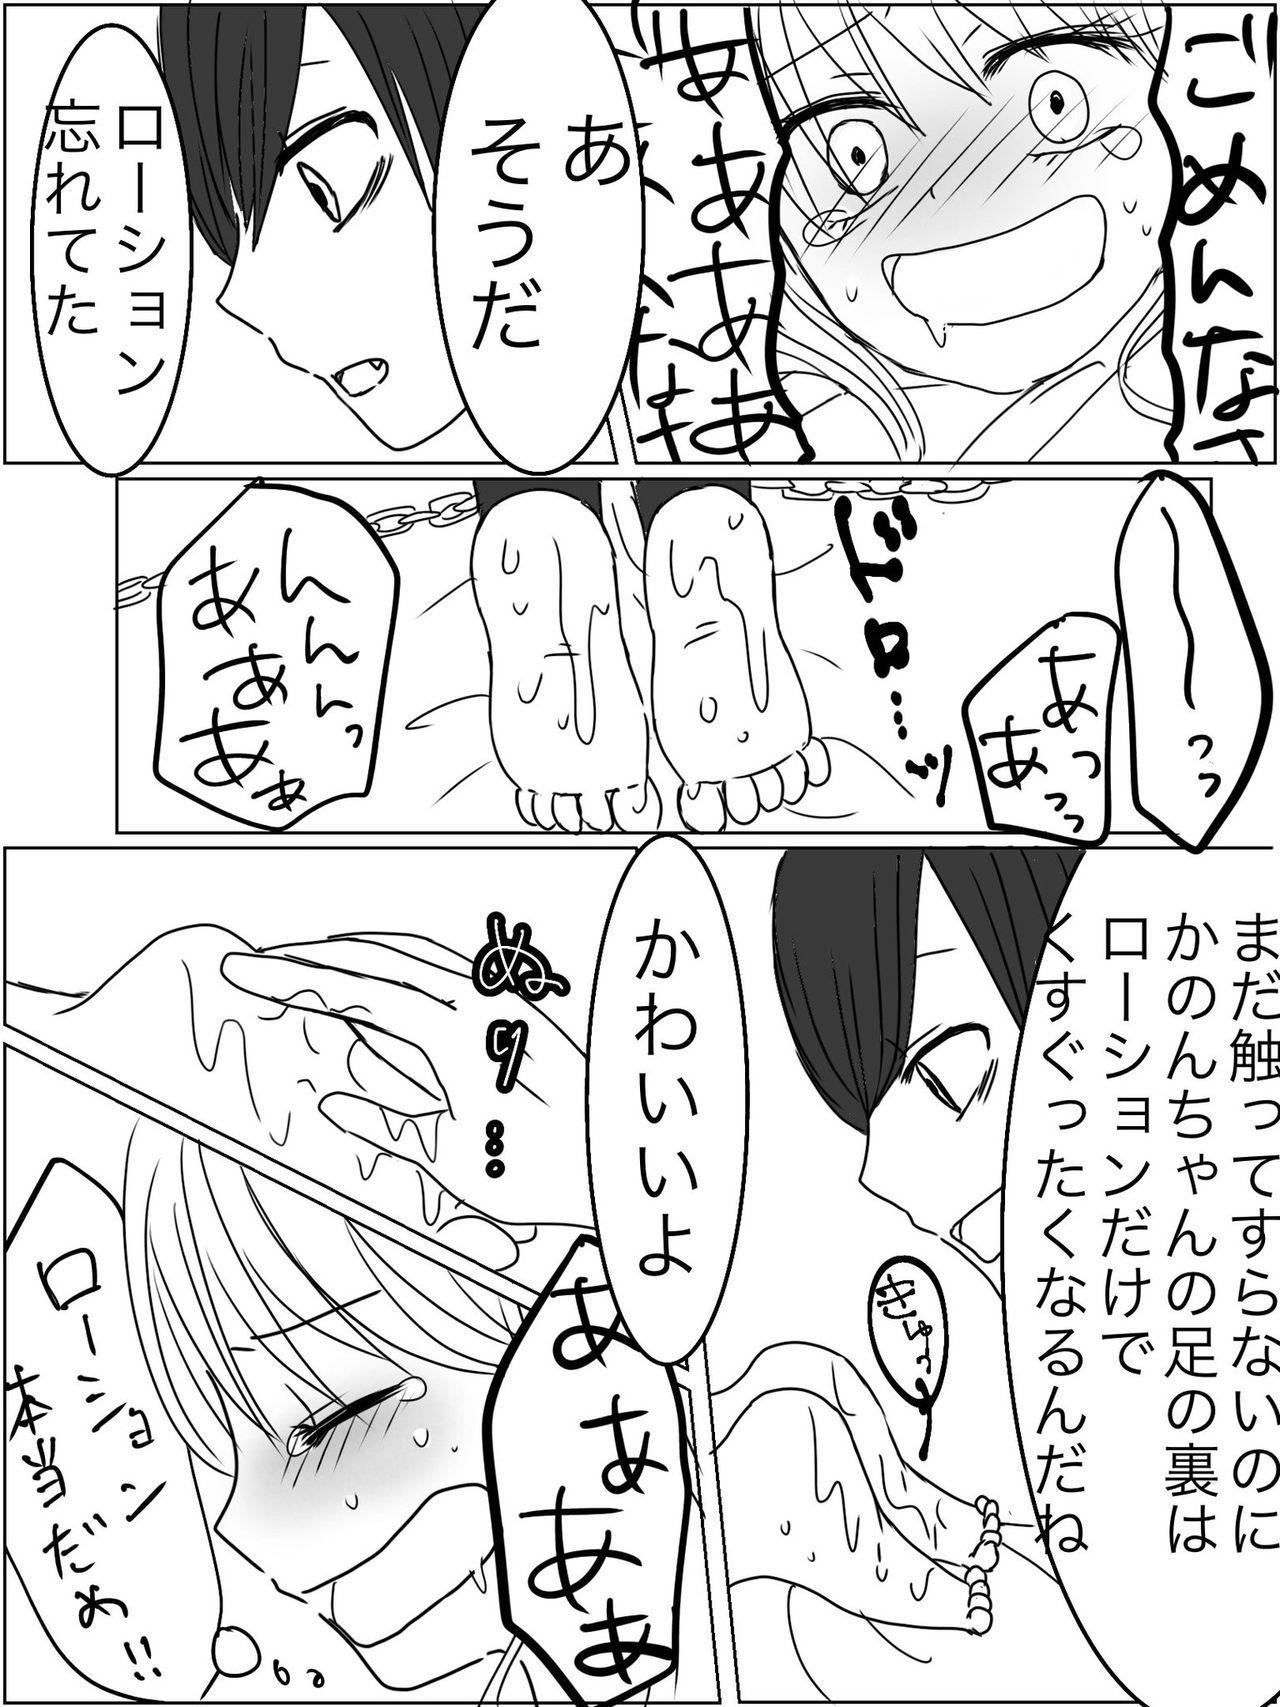 """Kankin Play """"Gokko"""" ga Shitakatta Hanashi 24"""